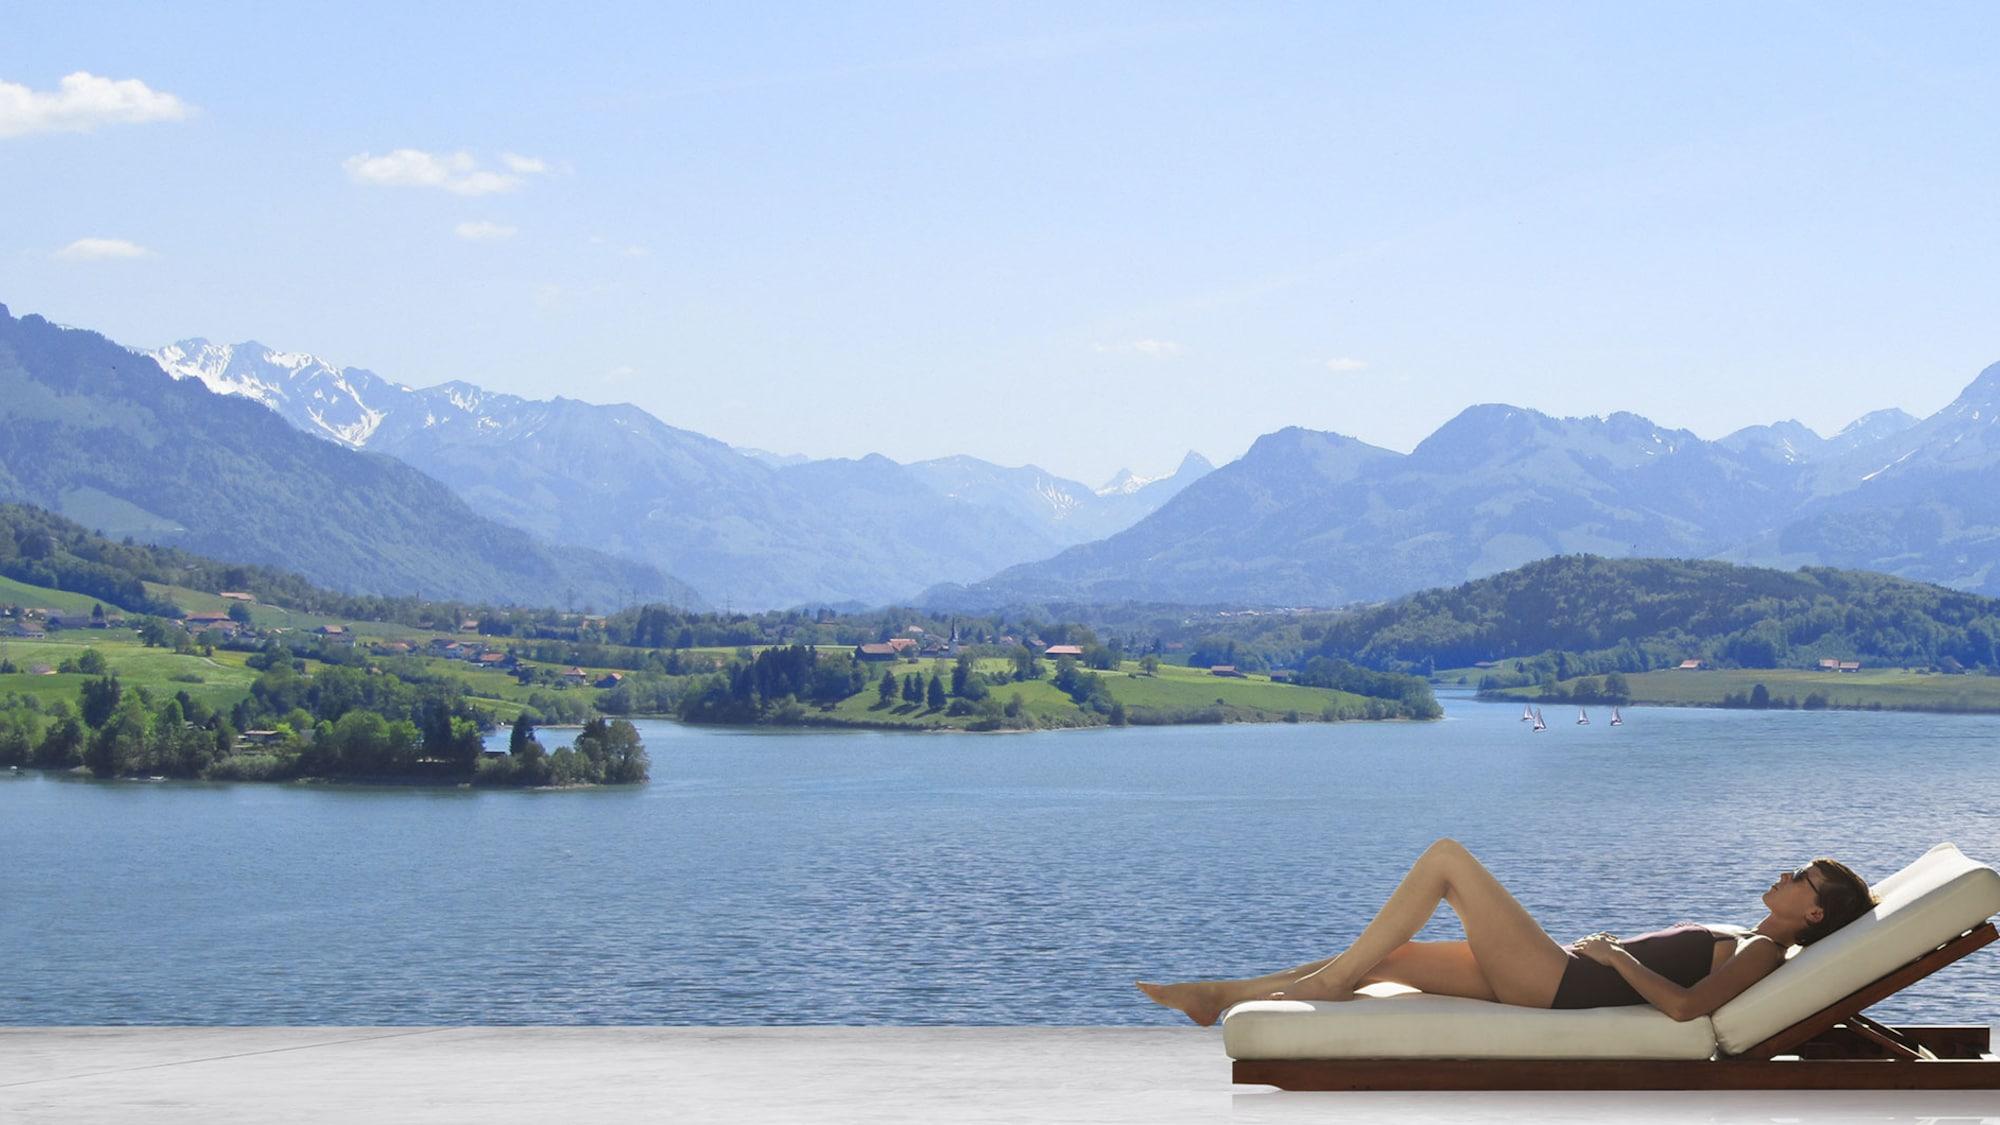 350 Millionen Franken für 5-Sterne-Hotel: So sieht das Mega-Resort im Greyerzerland aus